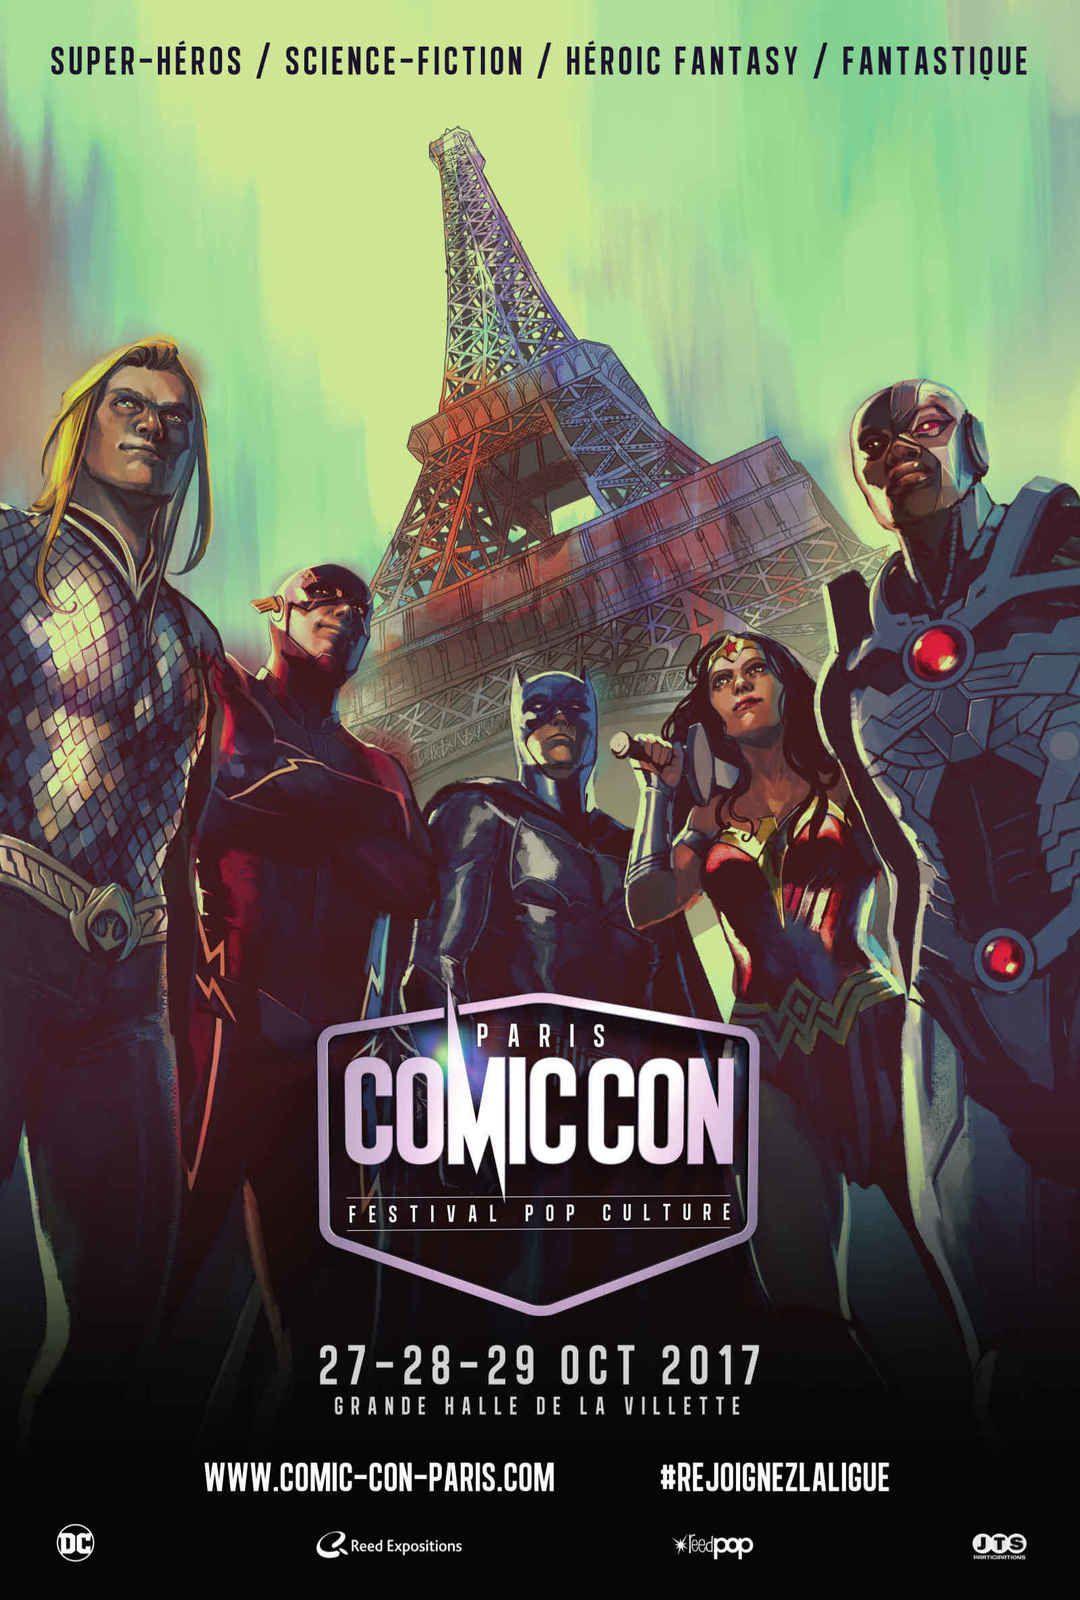 Le Comic Con Paris 2017 dévoile son affiche réalisée par Stéphanie Hans  !